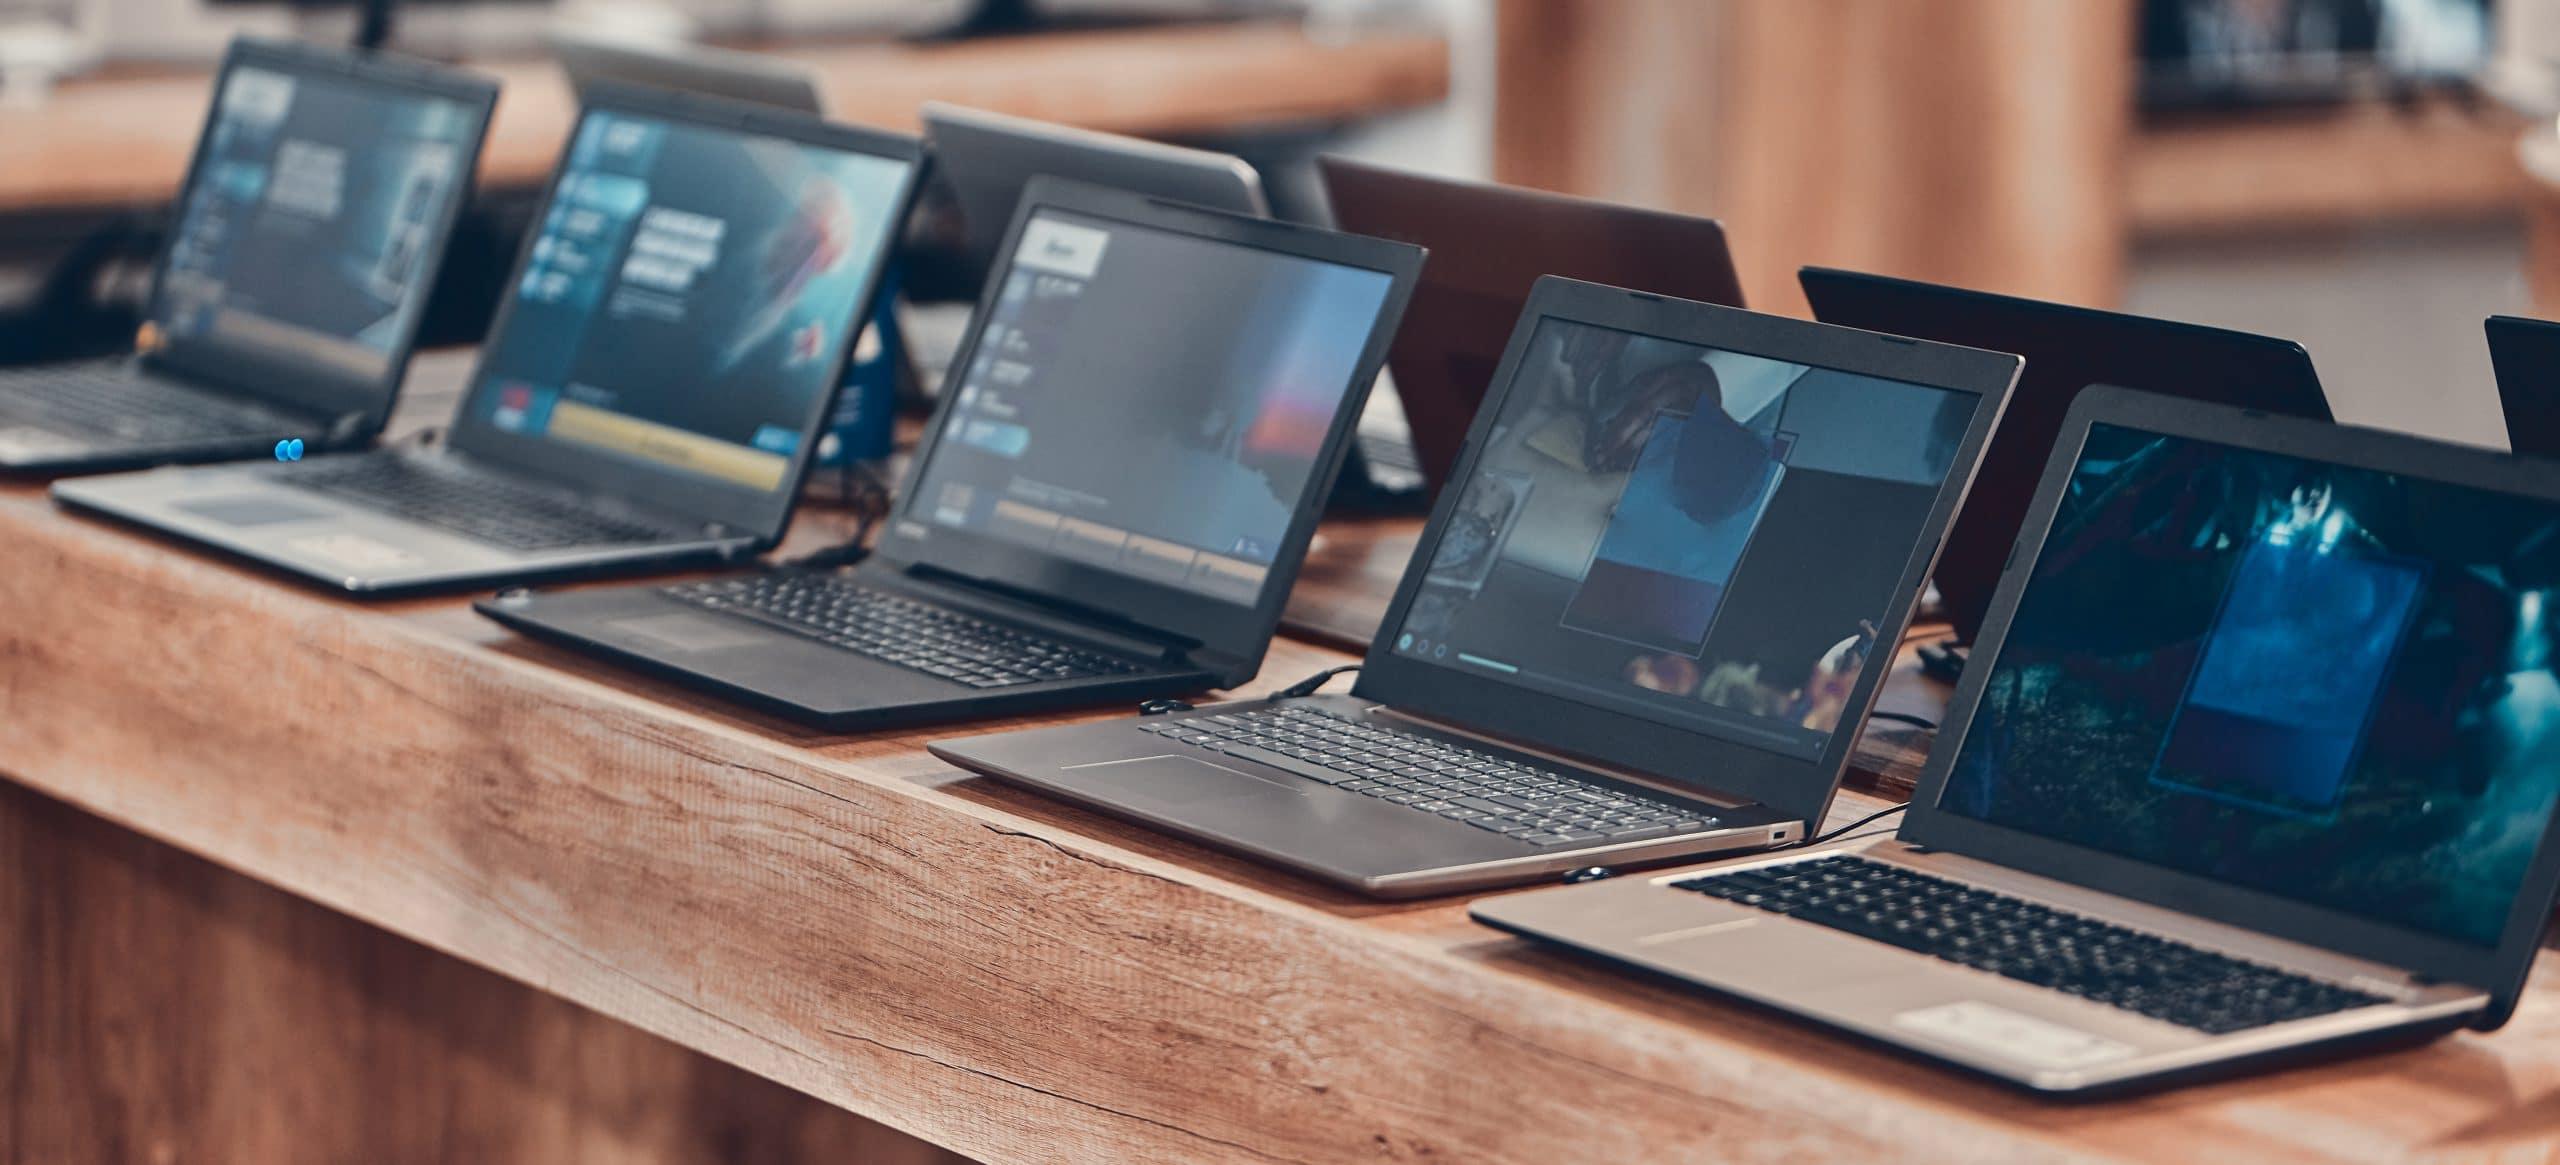 Laptop kopen? Waarop letten